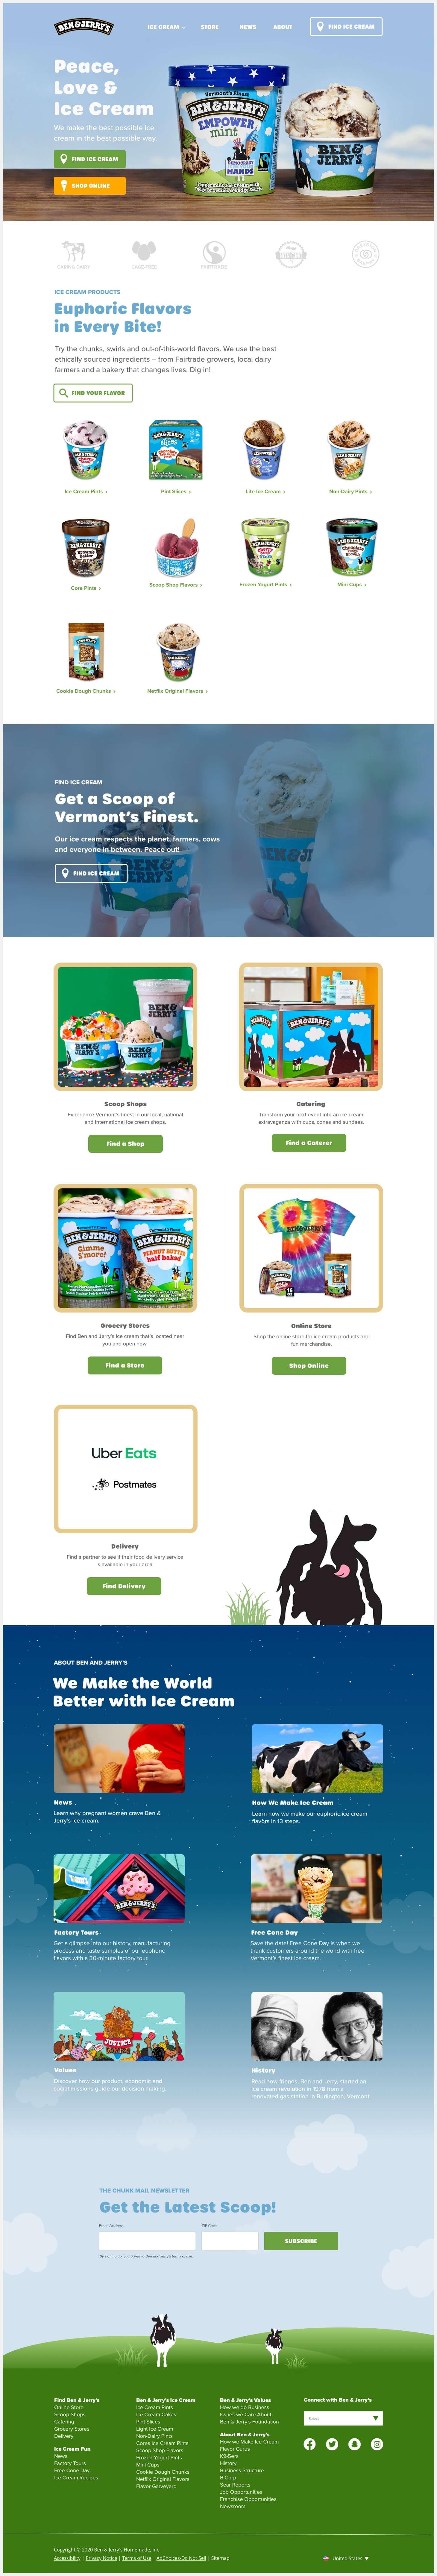 ben & Jerry's redesigned website.